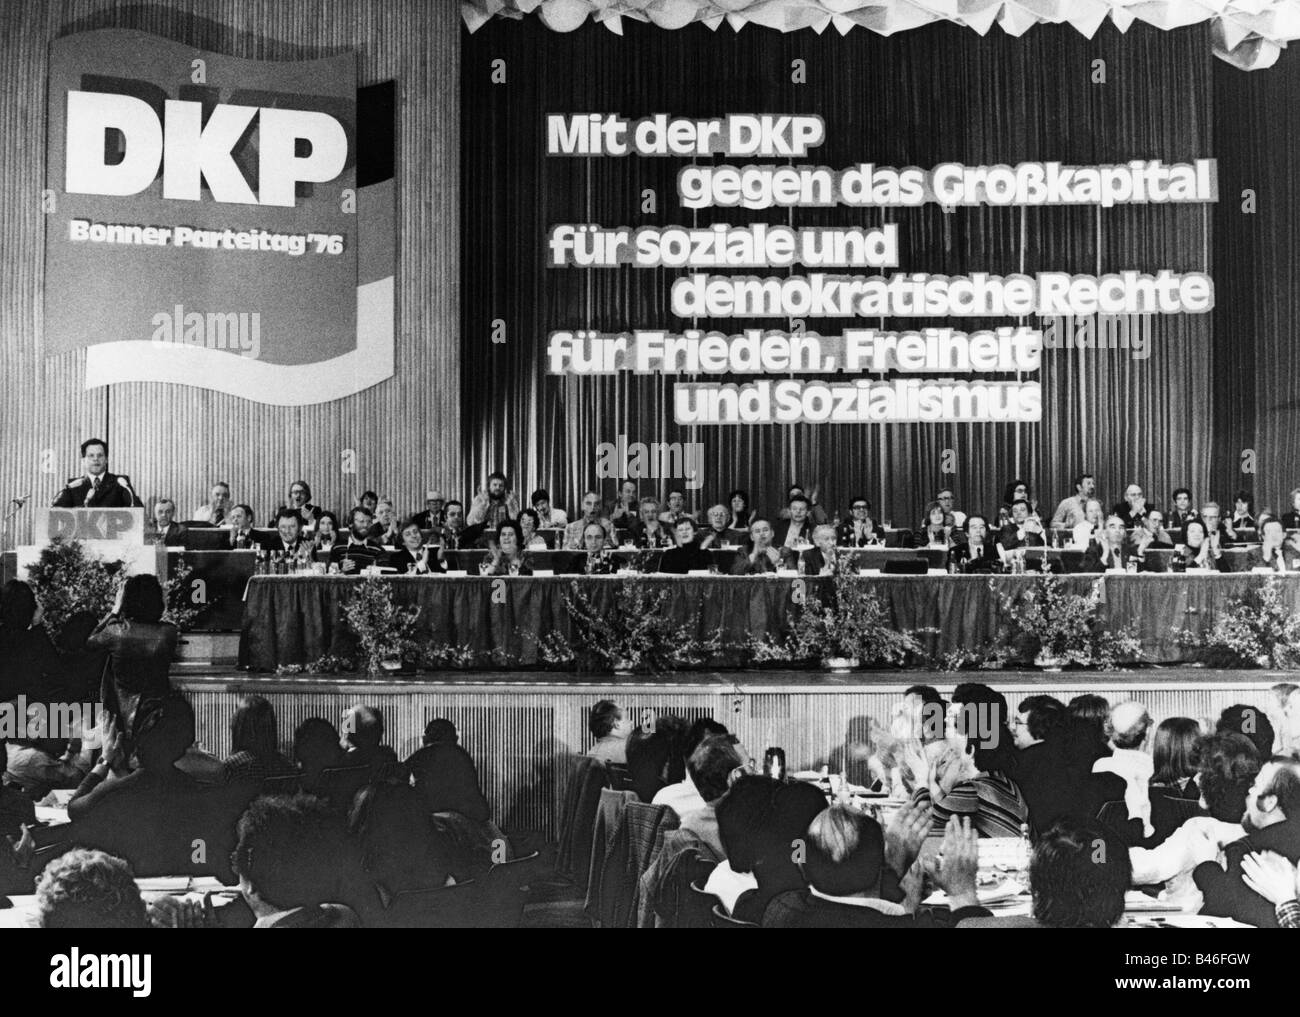 geography / travel, Germany, politics, parties, German Communist Party (Deutsche Kommunistische Partei, DKP), party - Stock Image